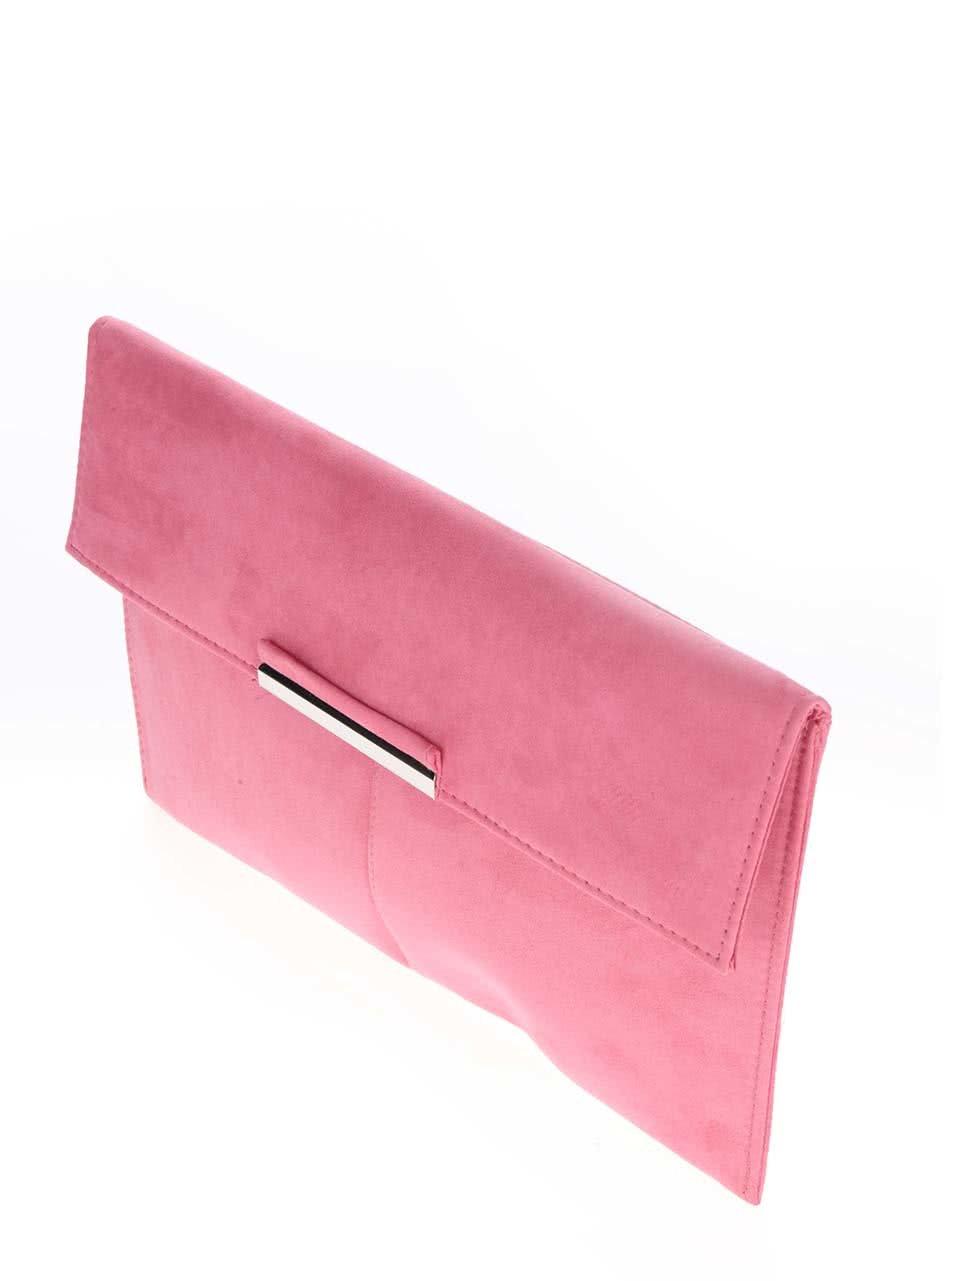 3327da5529 Ružová listová kabelka v semišovej úprave Dorothy Perkins ...